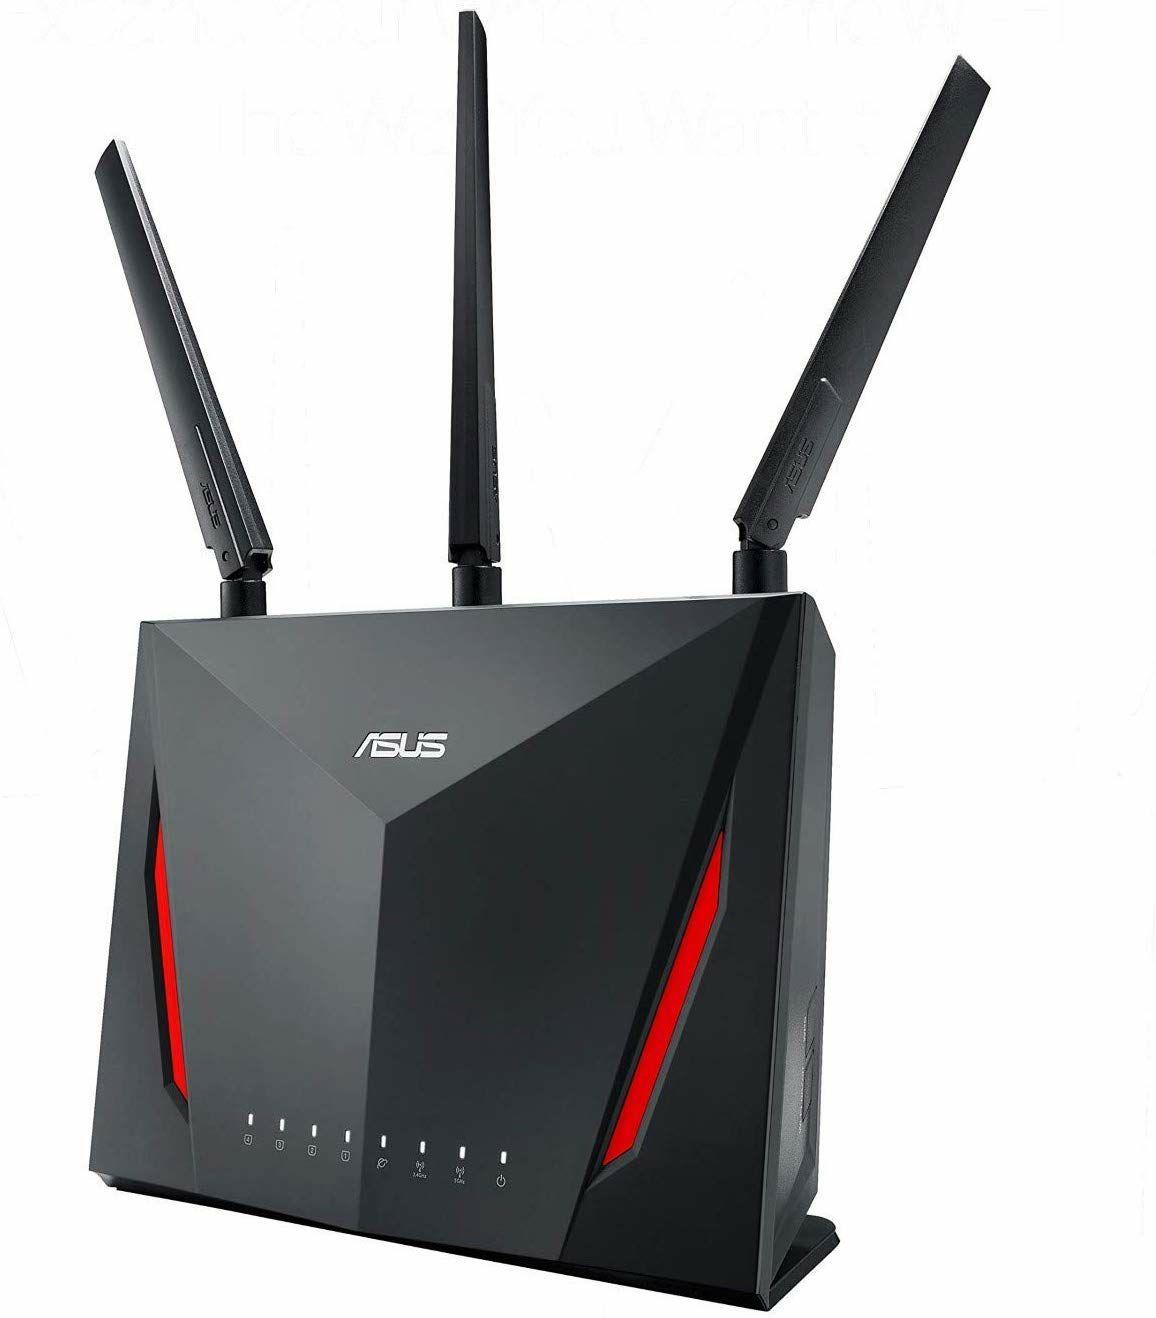 Asus RT-AC86U Router (Mesh WLAN System, WiFi 5 AC2900, 4x Gigabit LAN, 1.8 GHz Dual-Core CPU, App Steuerung)